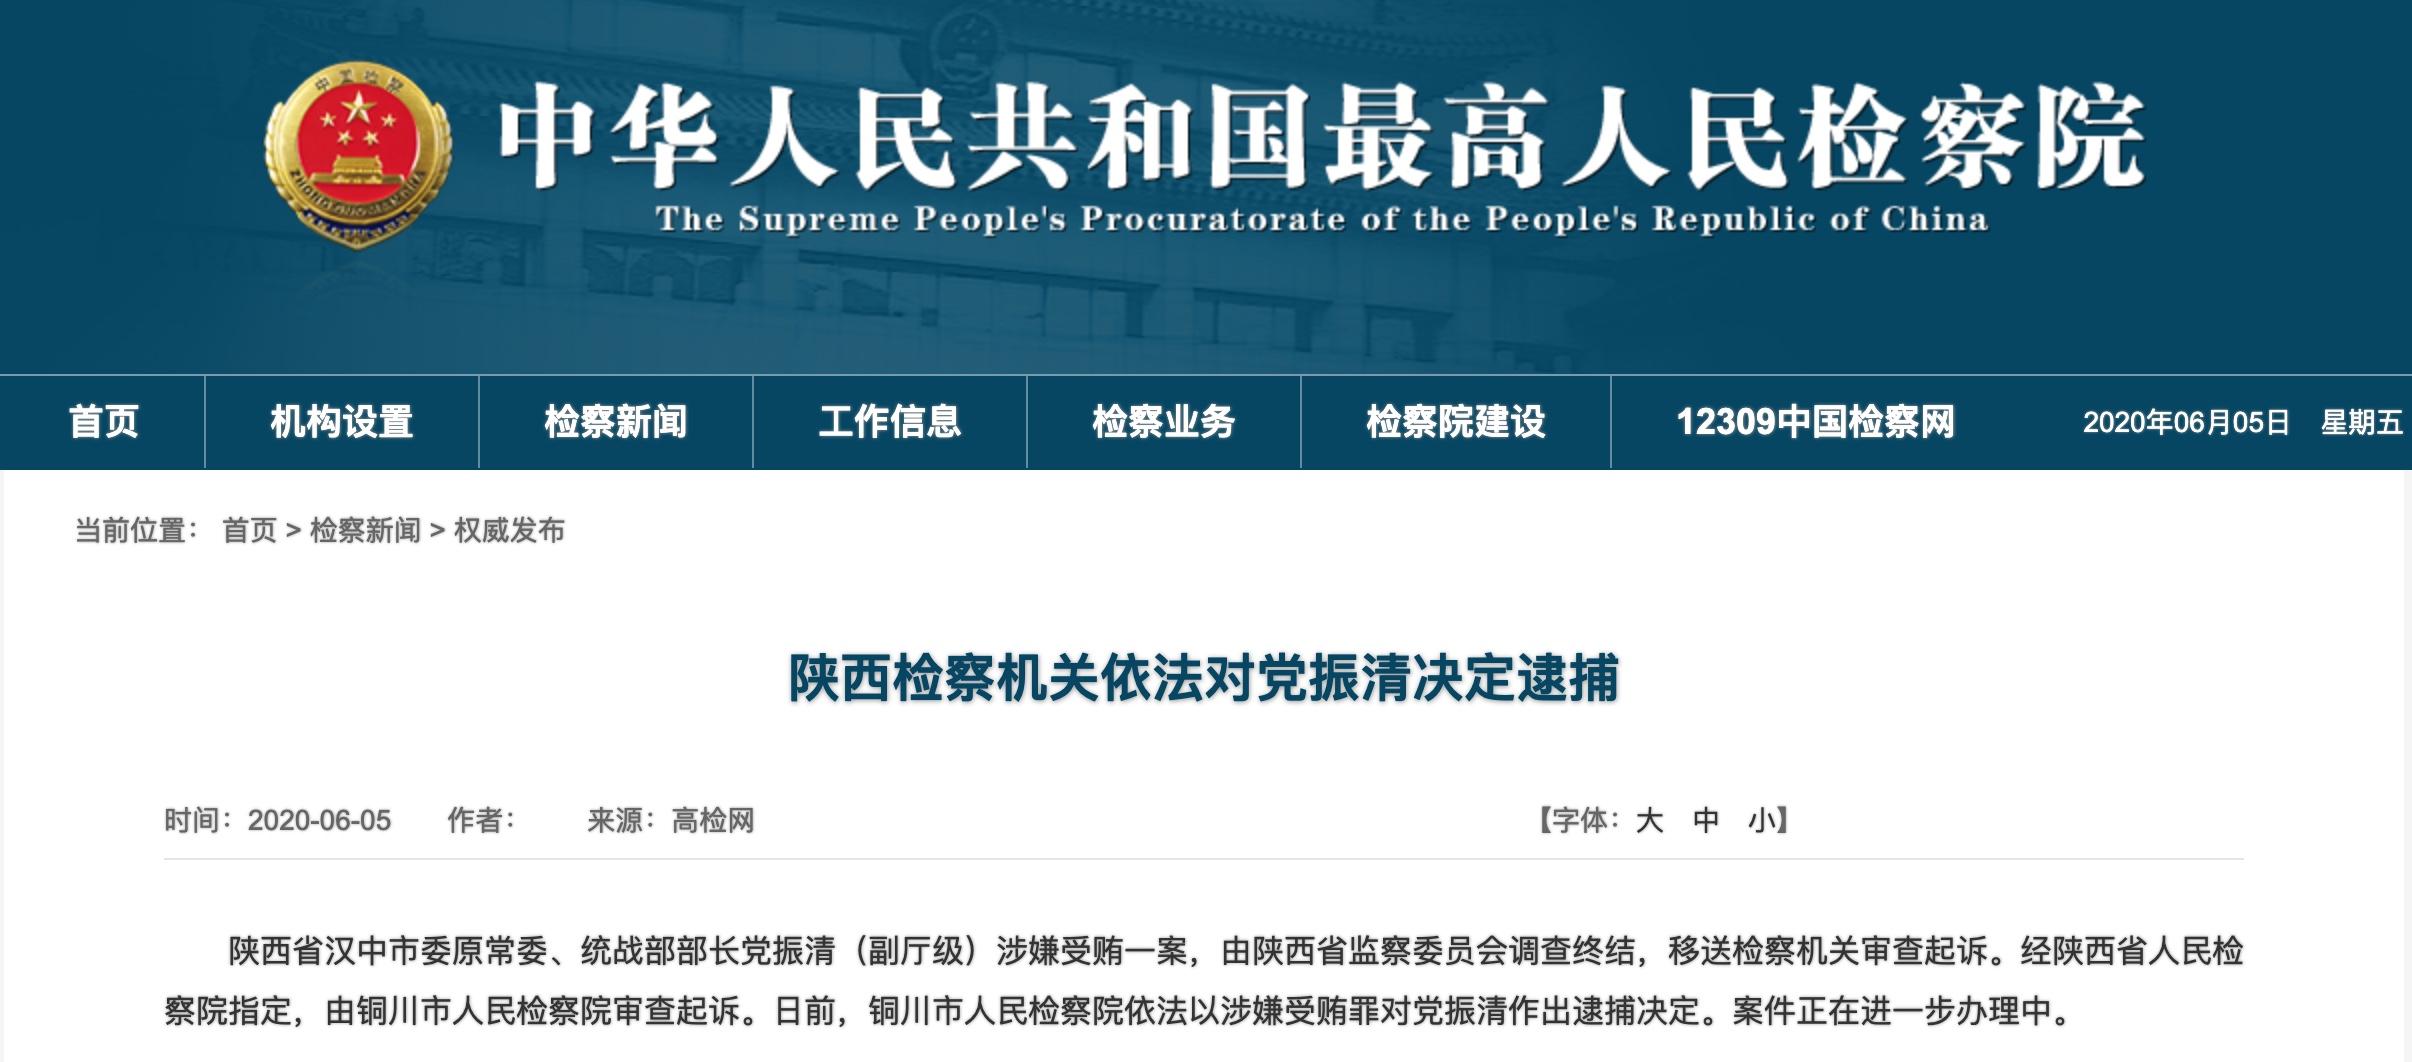 陕西检察机关依法对汉中市委原常委、统战部部长党振清决定逮捕